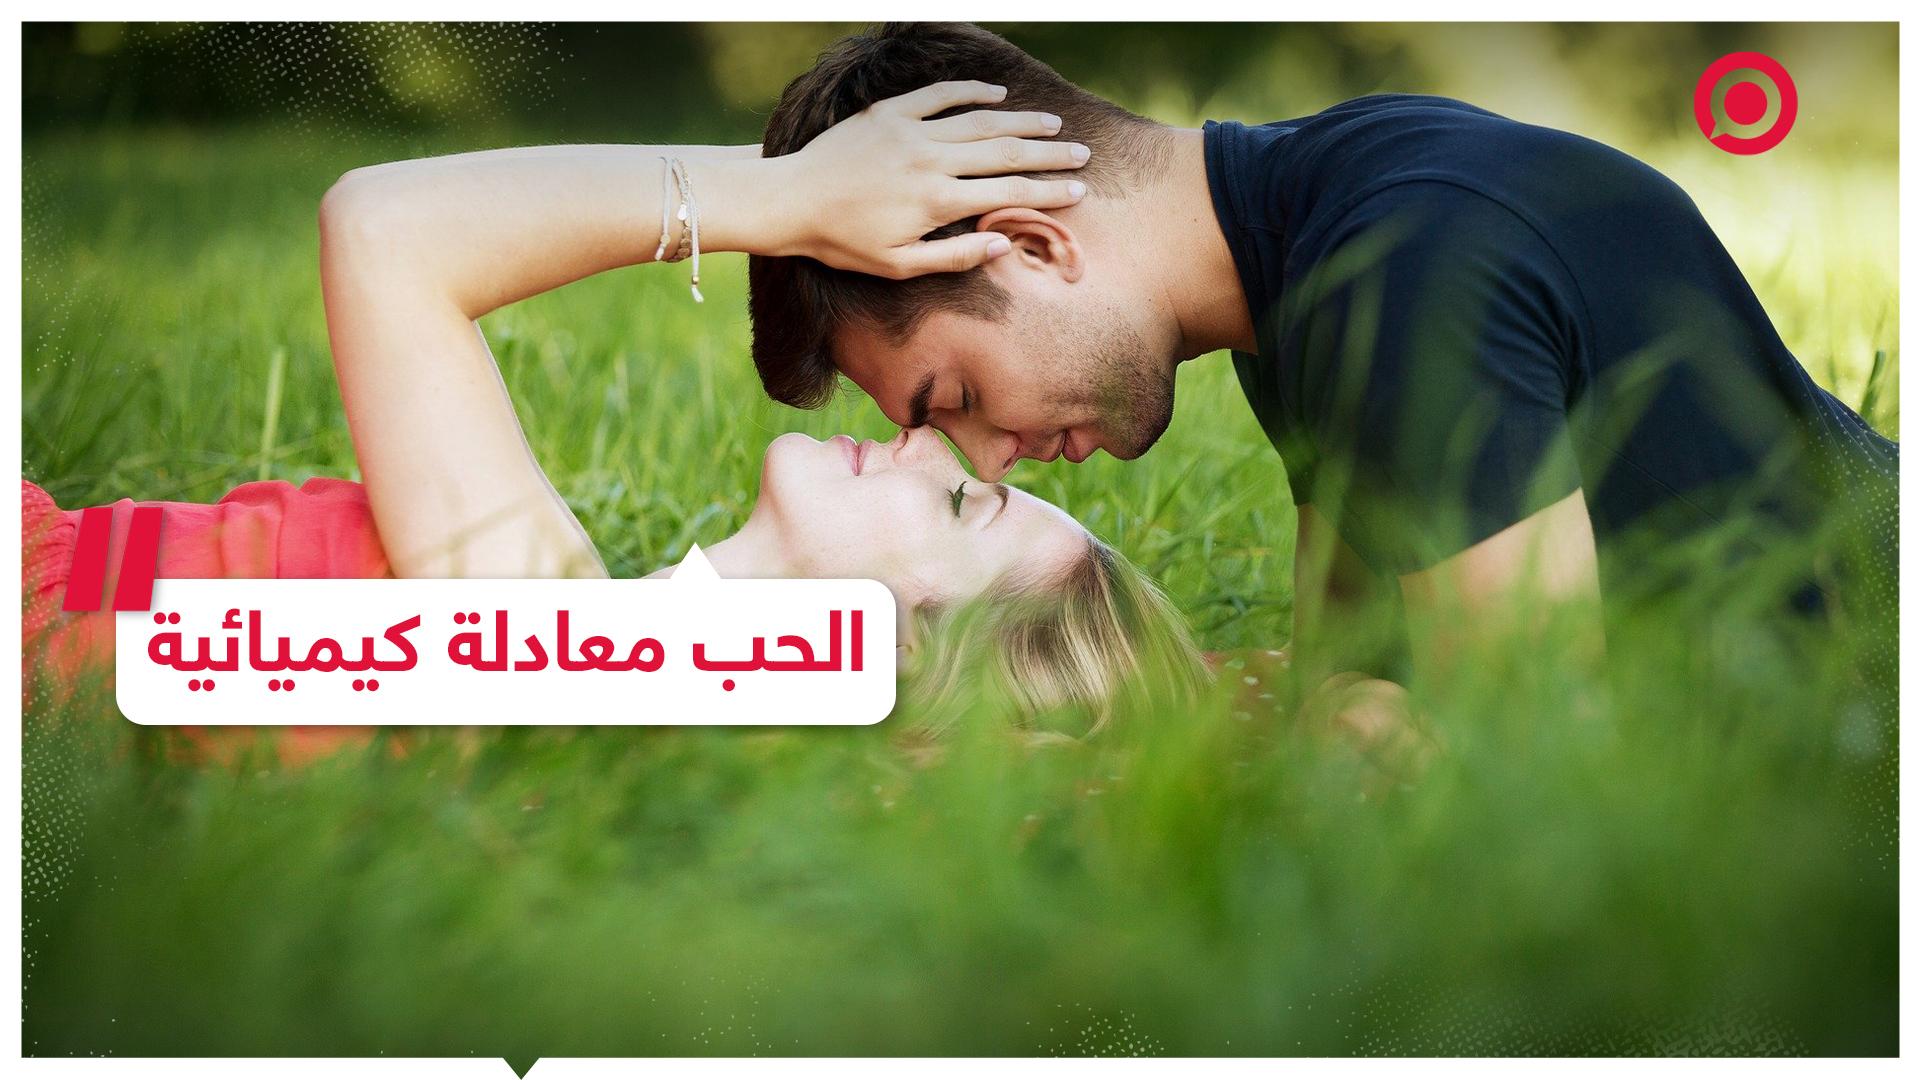 الحب من